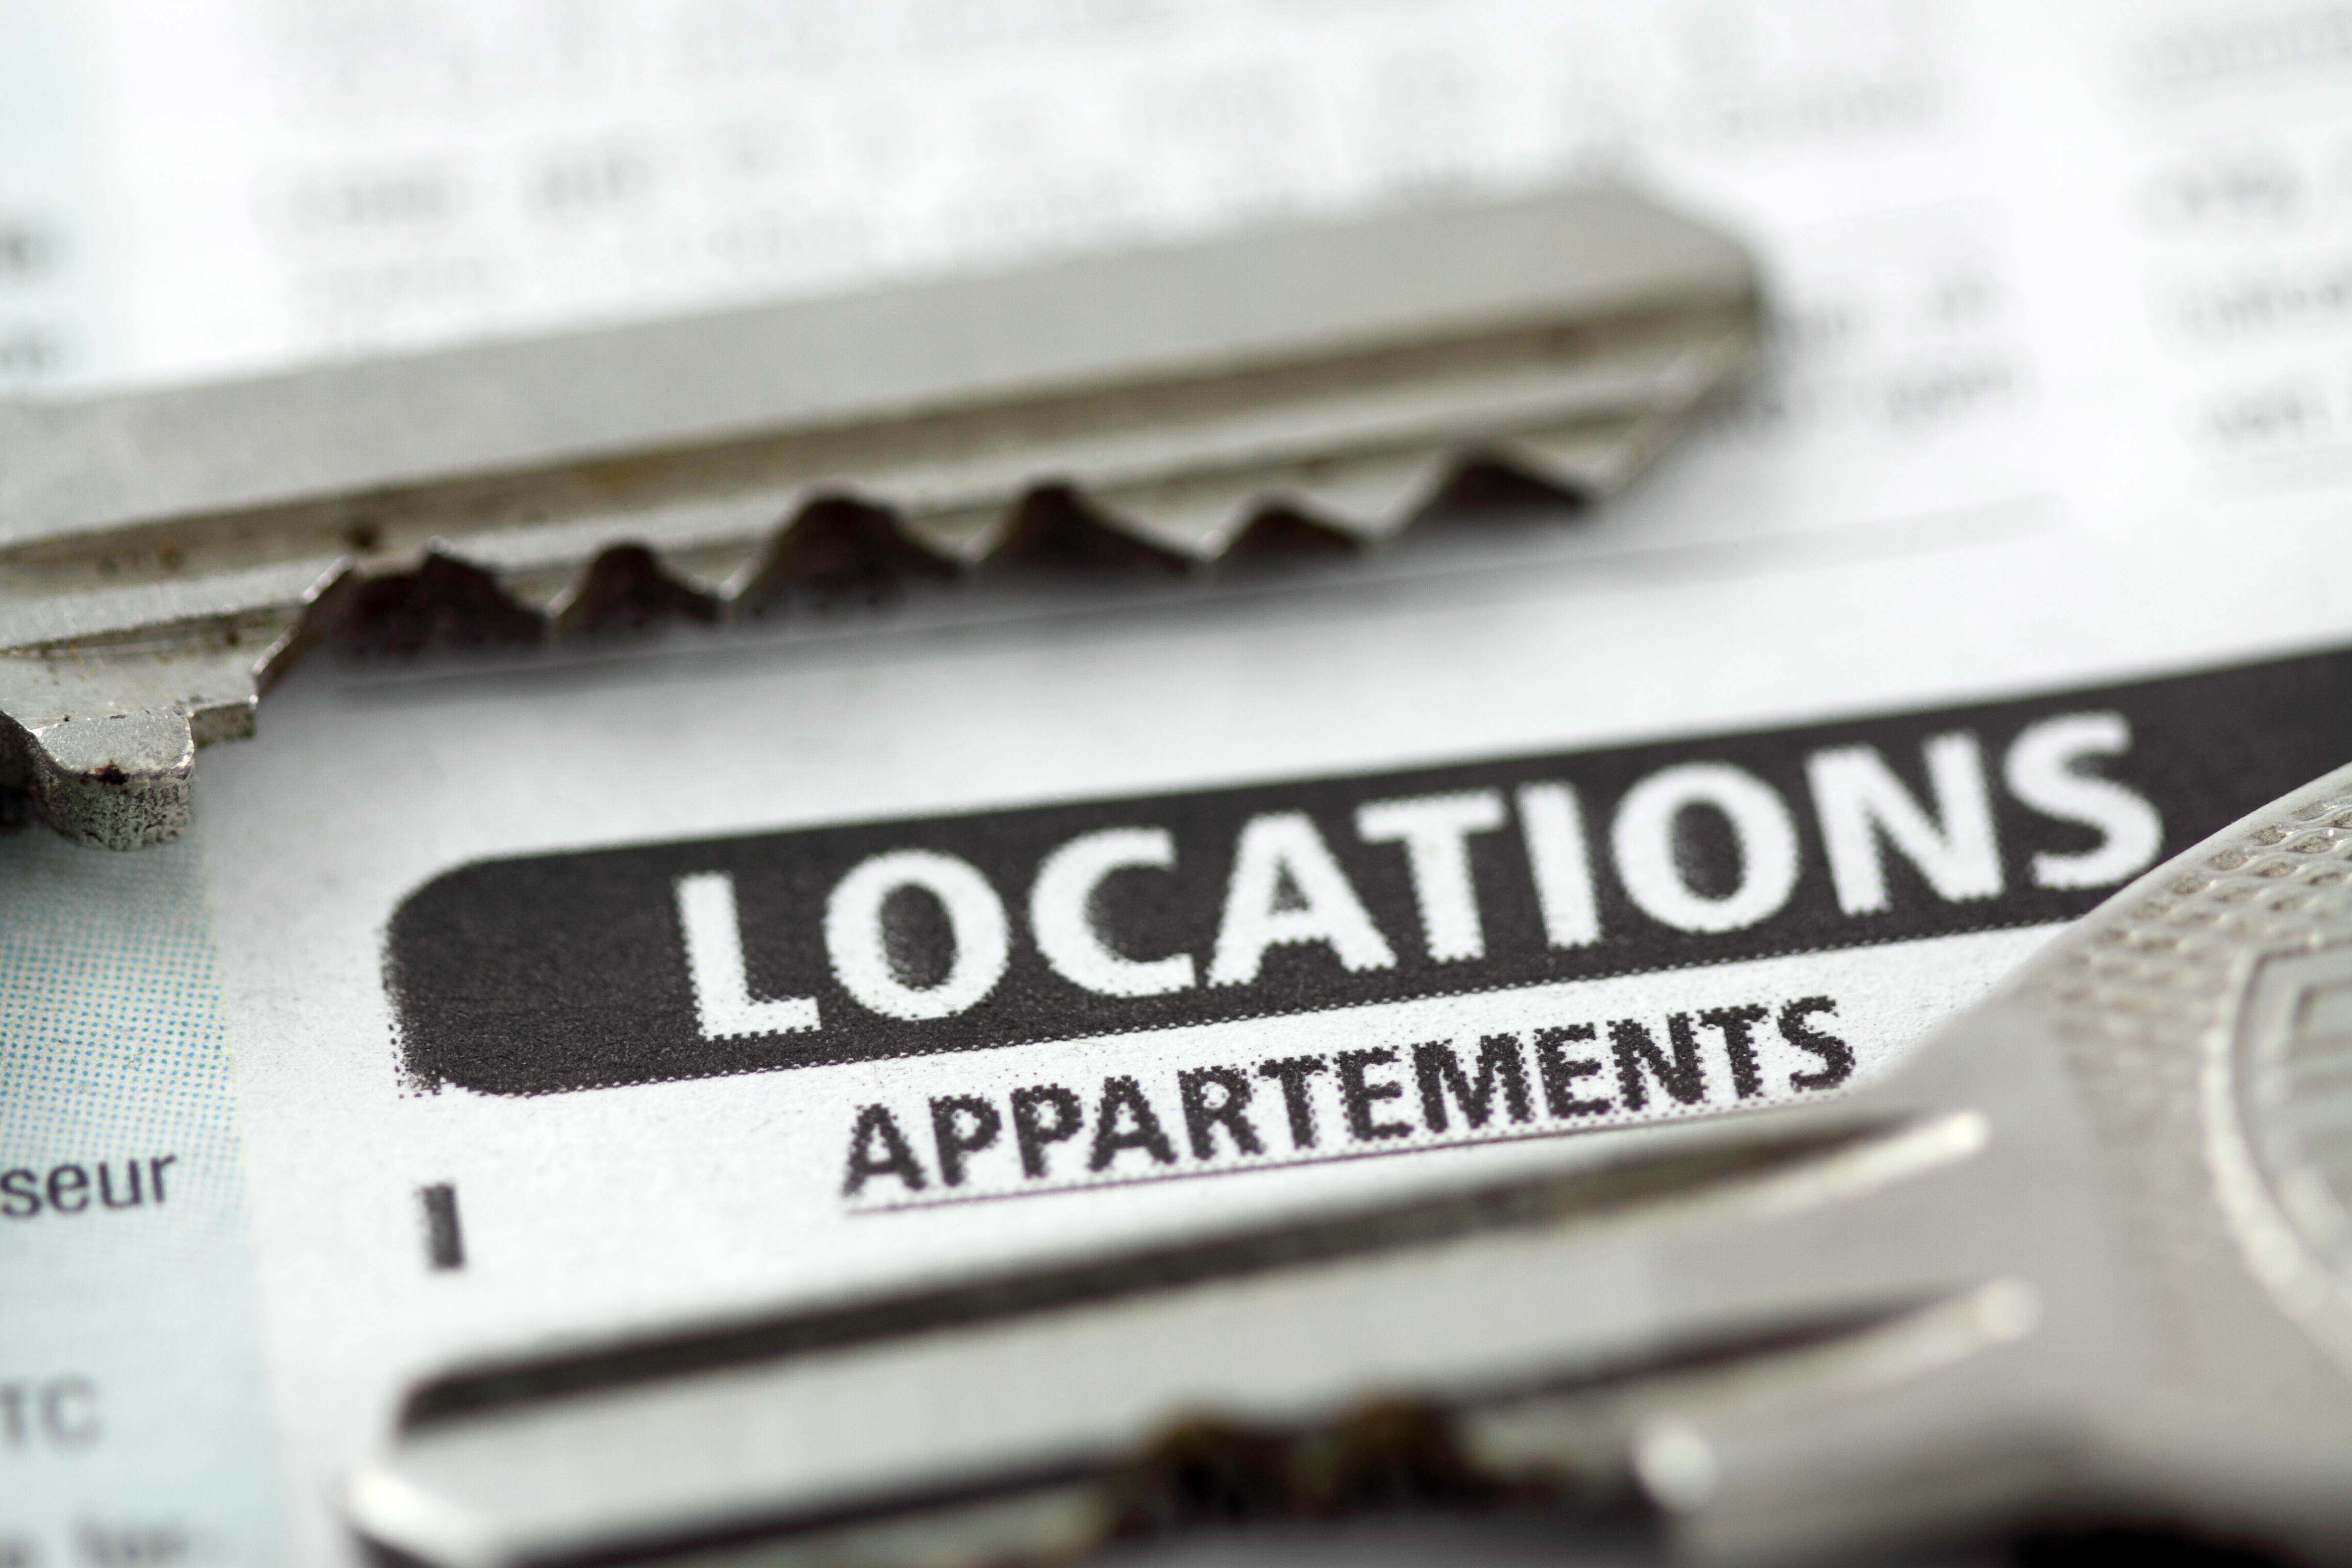 Mette la location votre appartement le temps des vacances - Louer son logement pendant les vacances ...